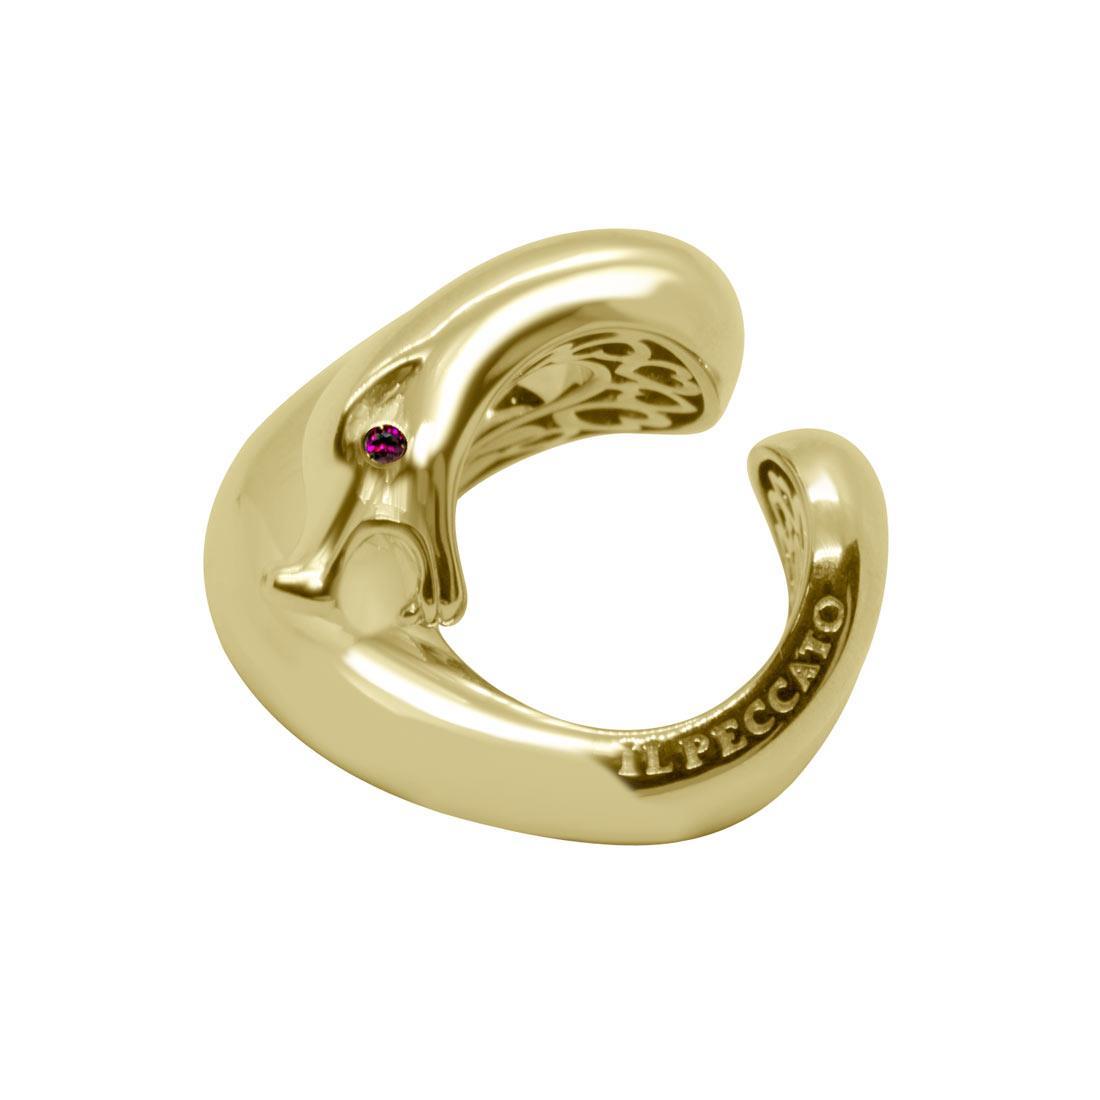 Anello in oro giallo design serpente con rubino mis 15 - PASQUALE BRUNI